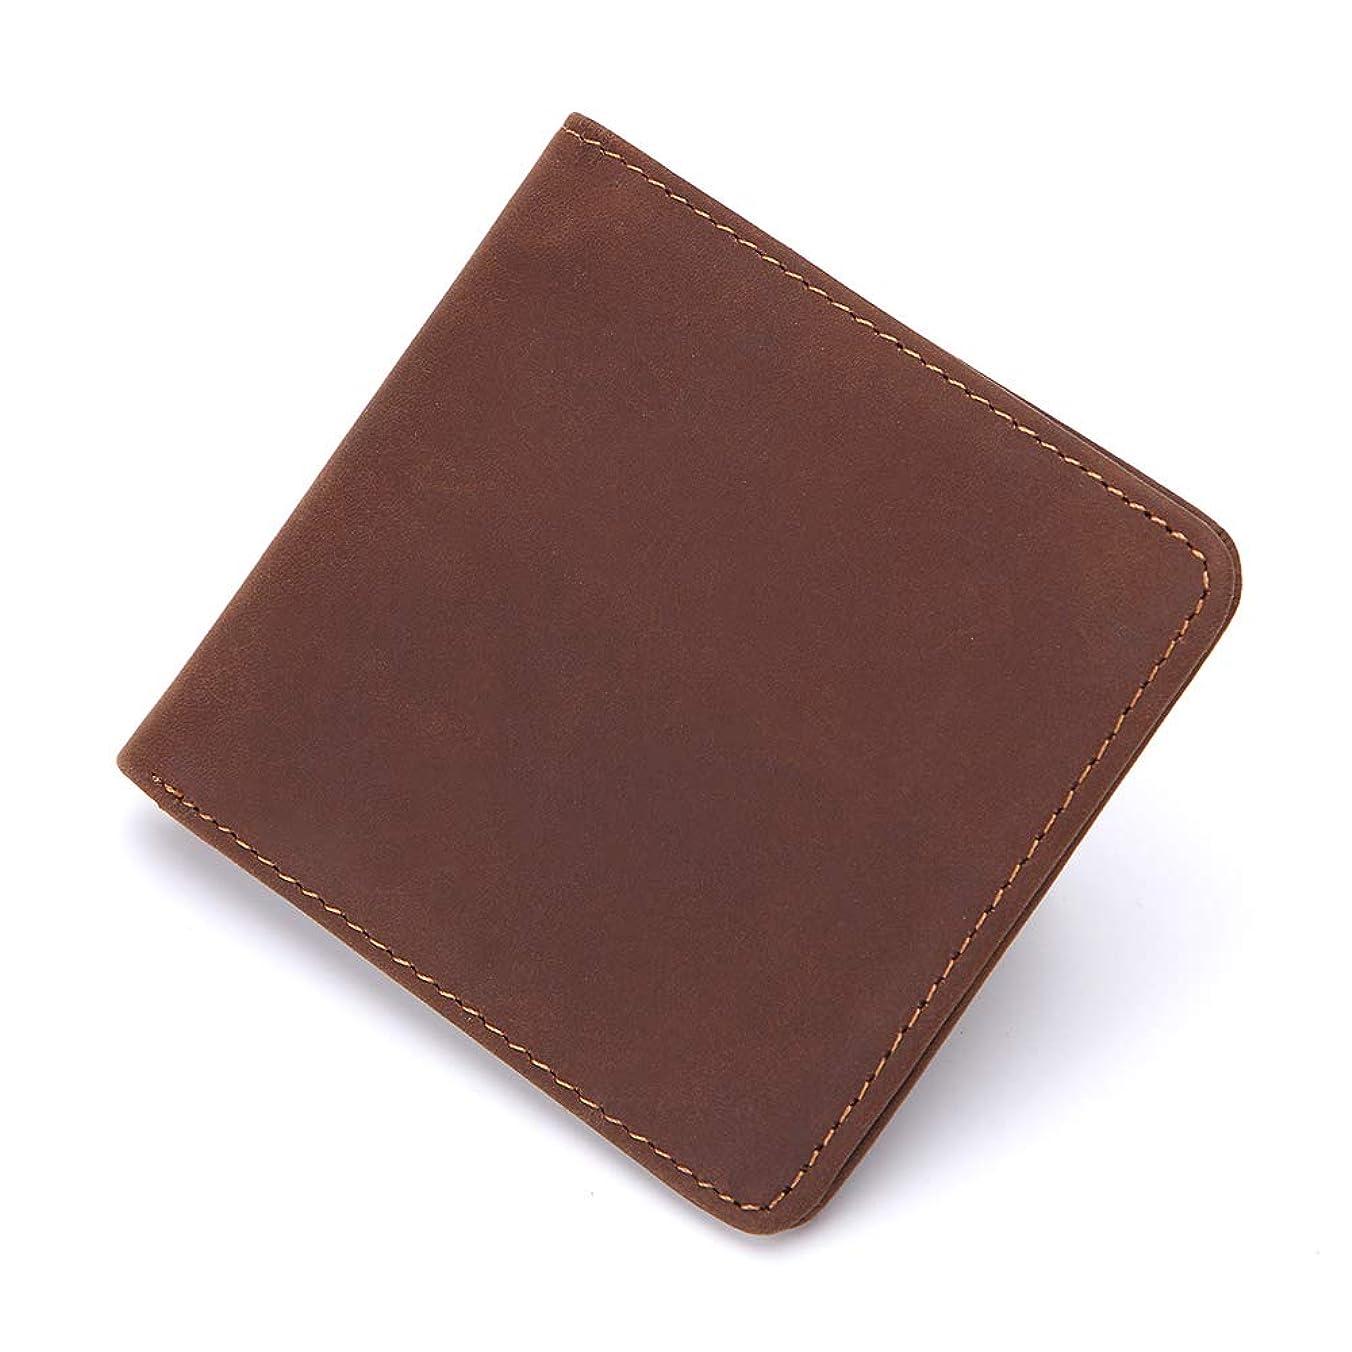 新しい意味九月雨FEIDA 本革 二つ折り財布 薄型 財布 メンズ シンプル お札入れ おしゃれ ショートウォレット